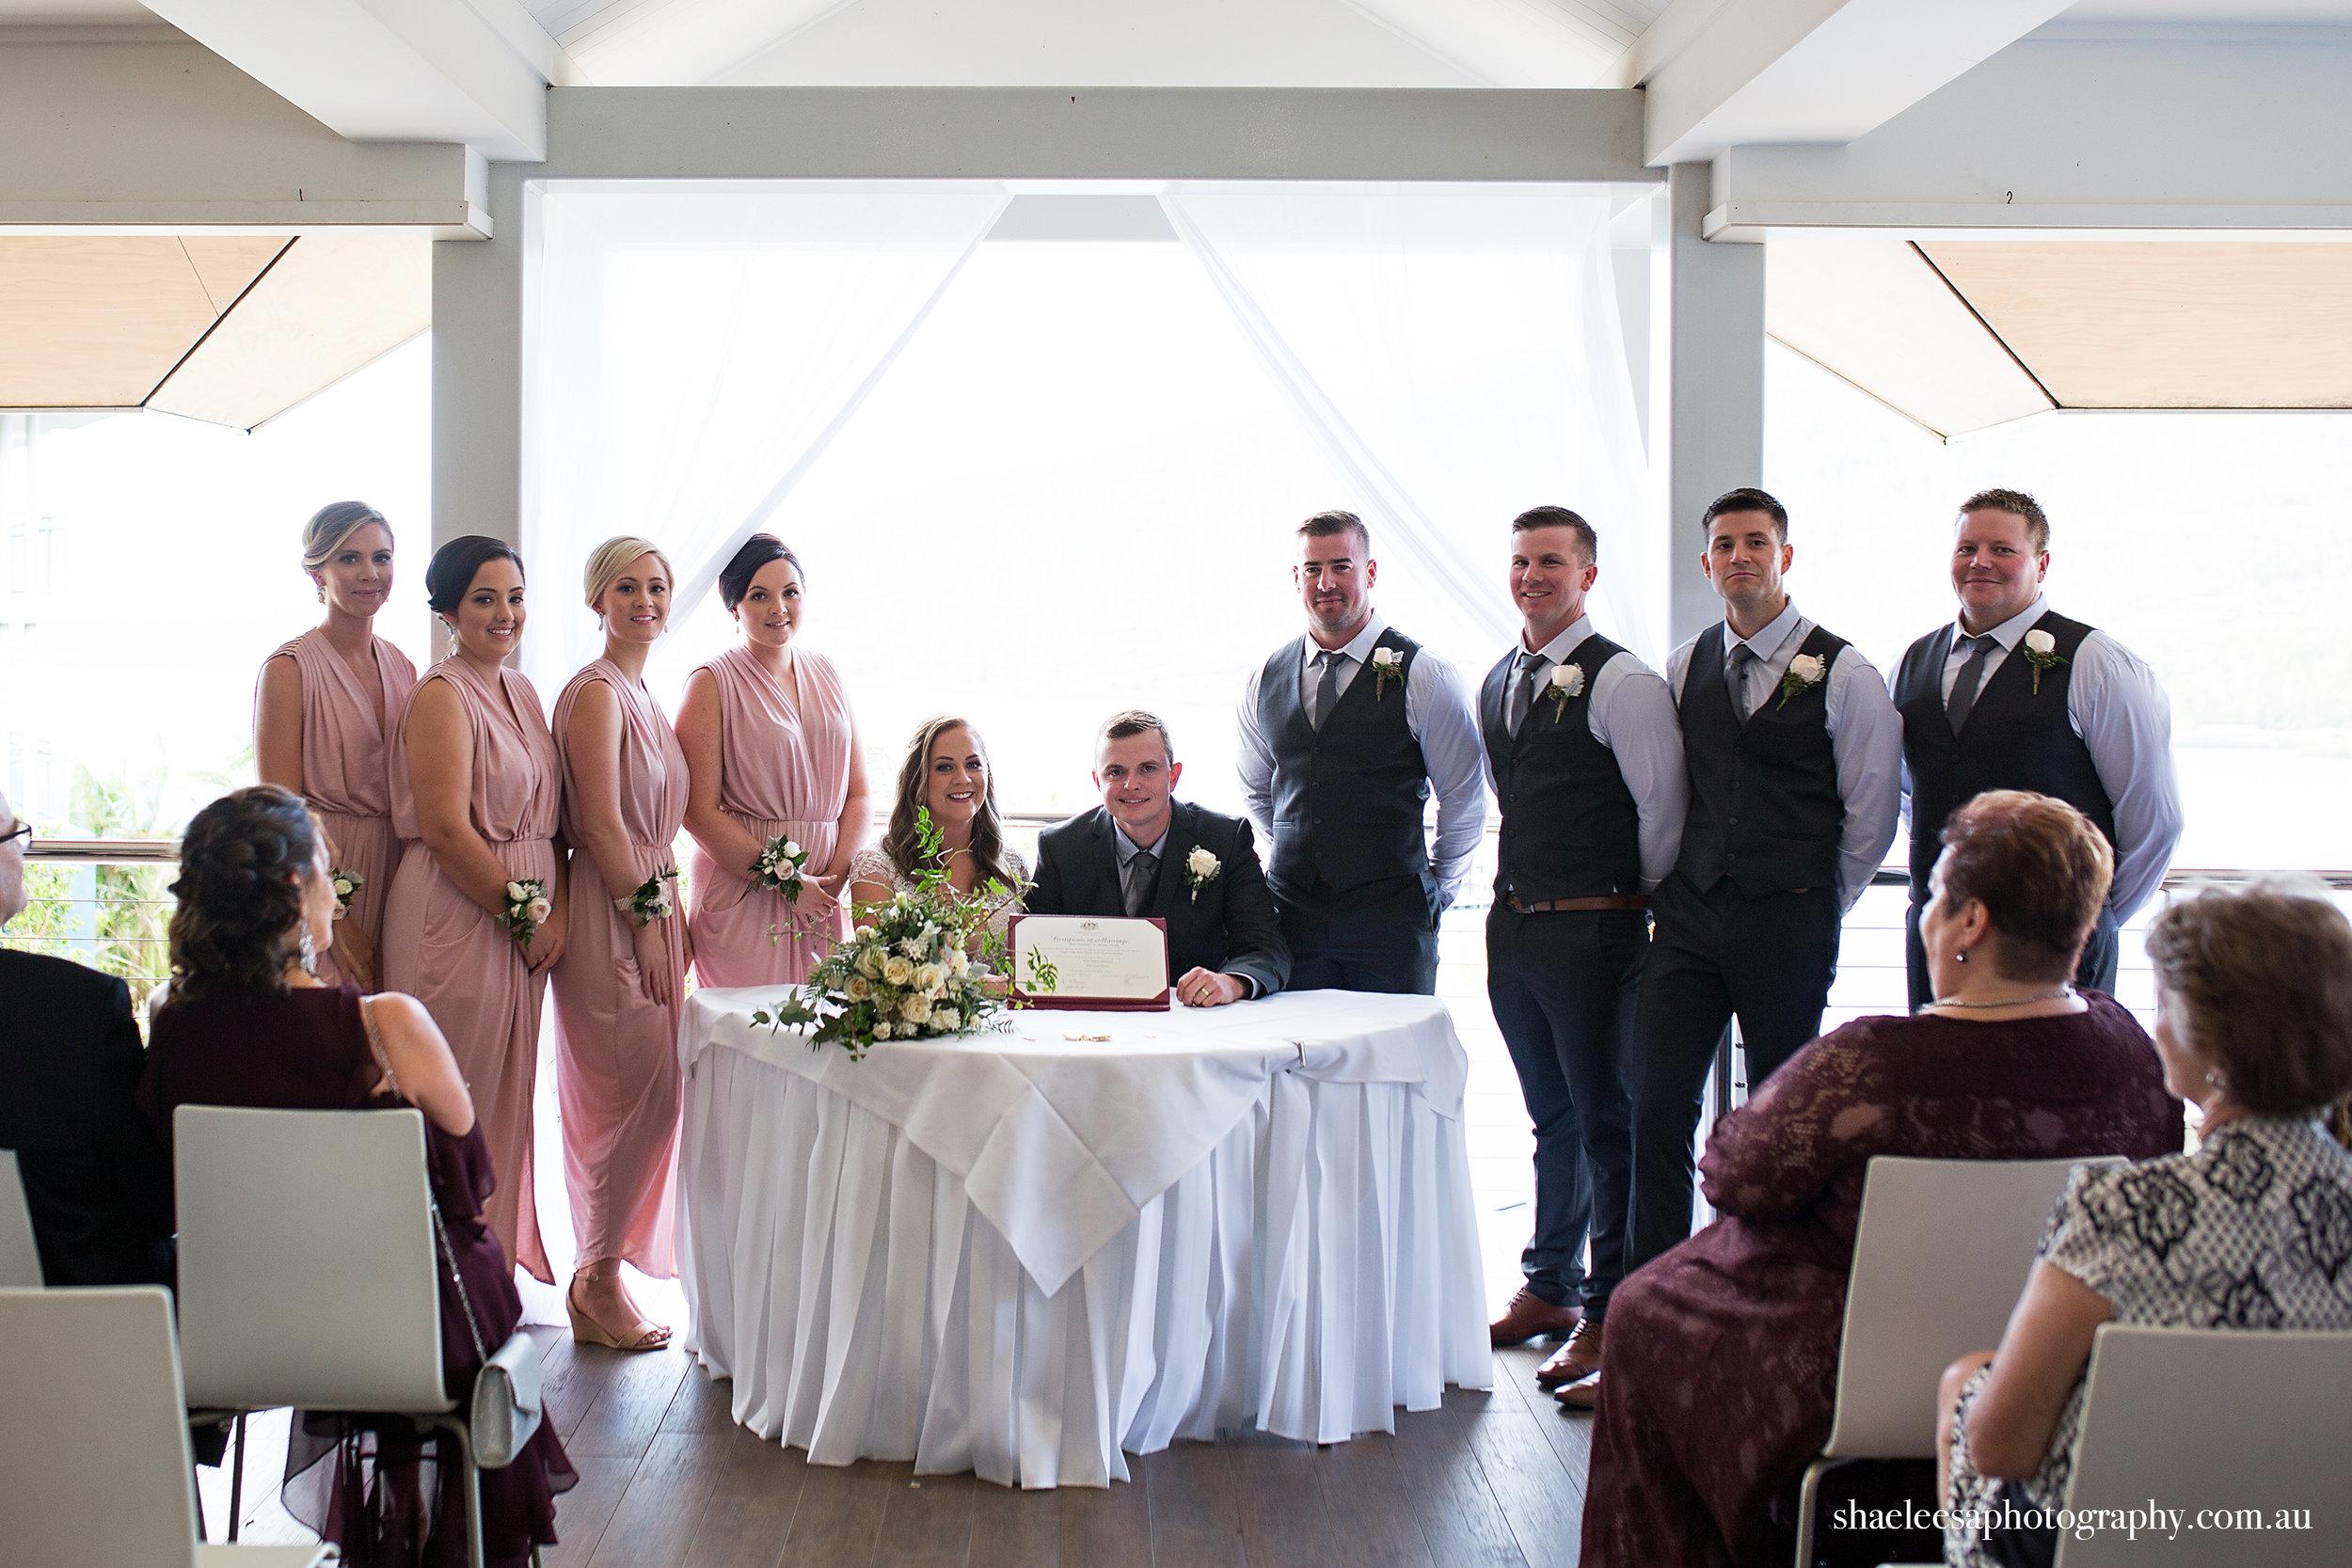 WeddingsByShae_113_McDermid2017.jpg